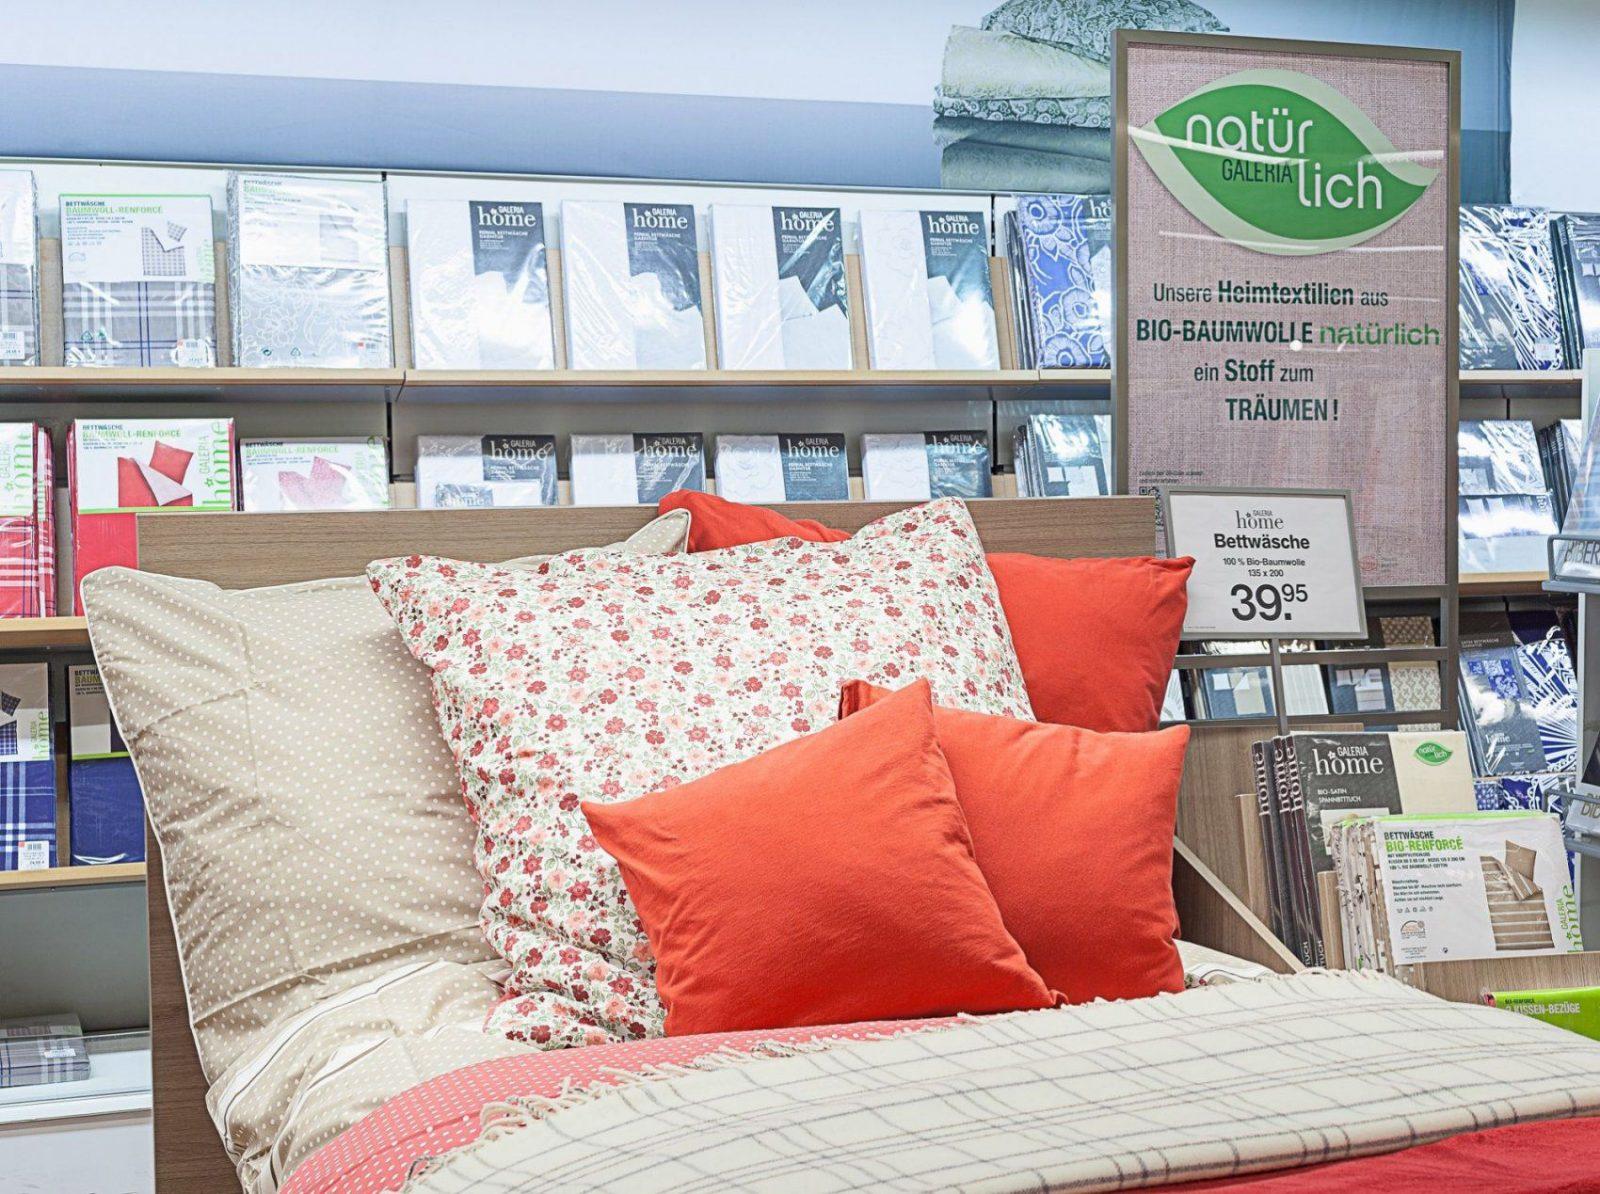 Galeria Kaufhof Bettwäsche Die Schönsten Betten Und Bettwäsche